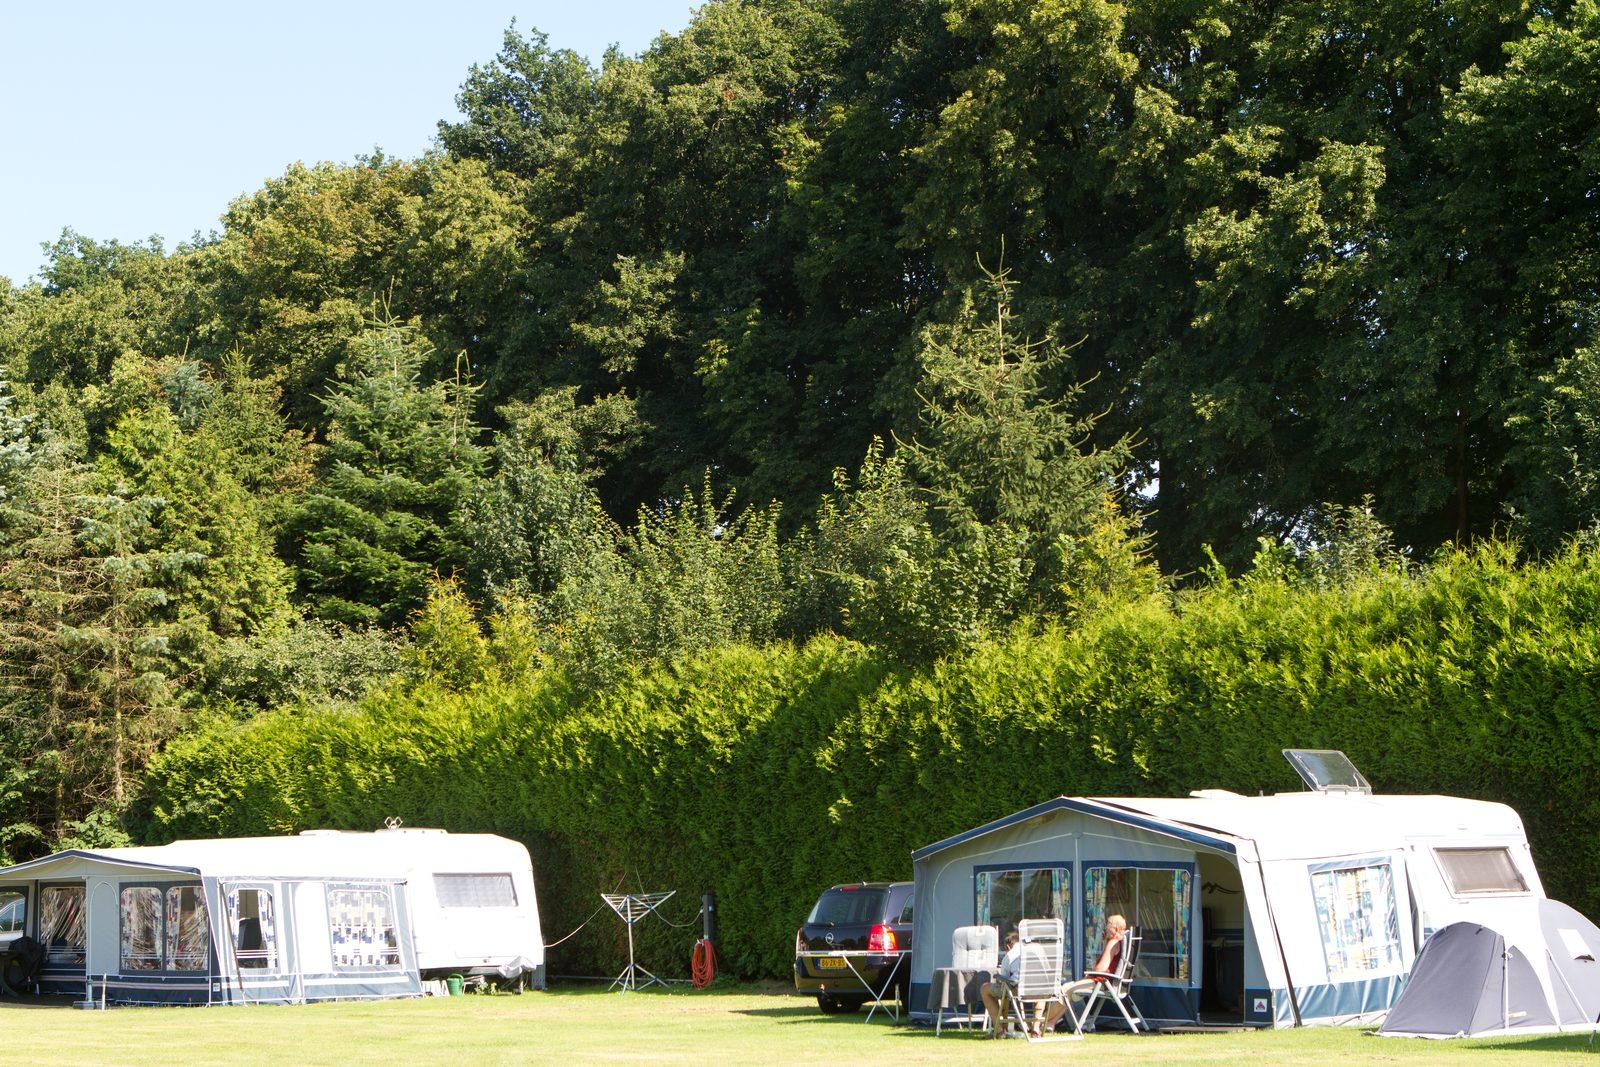 Camping site de Koeksebelt near the de Vecht river